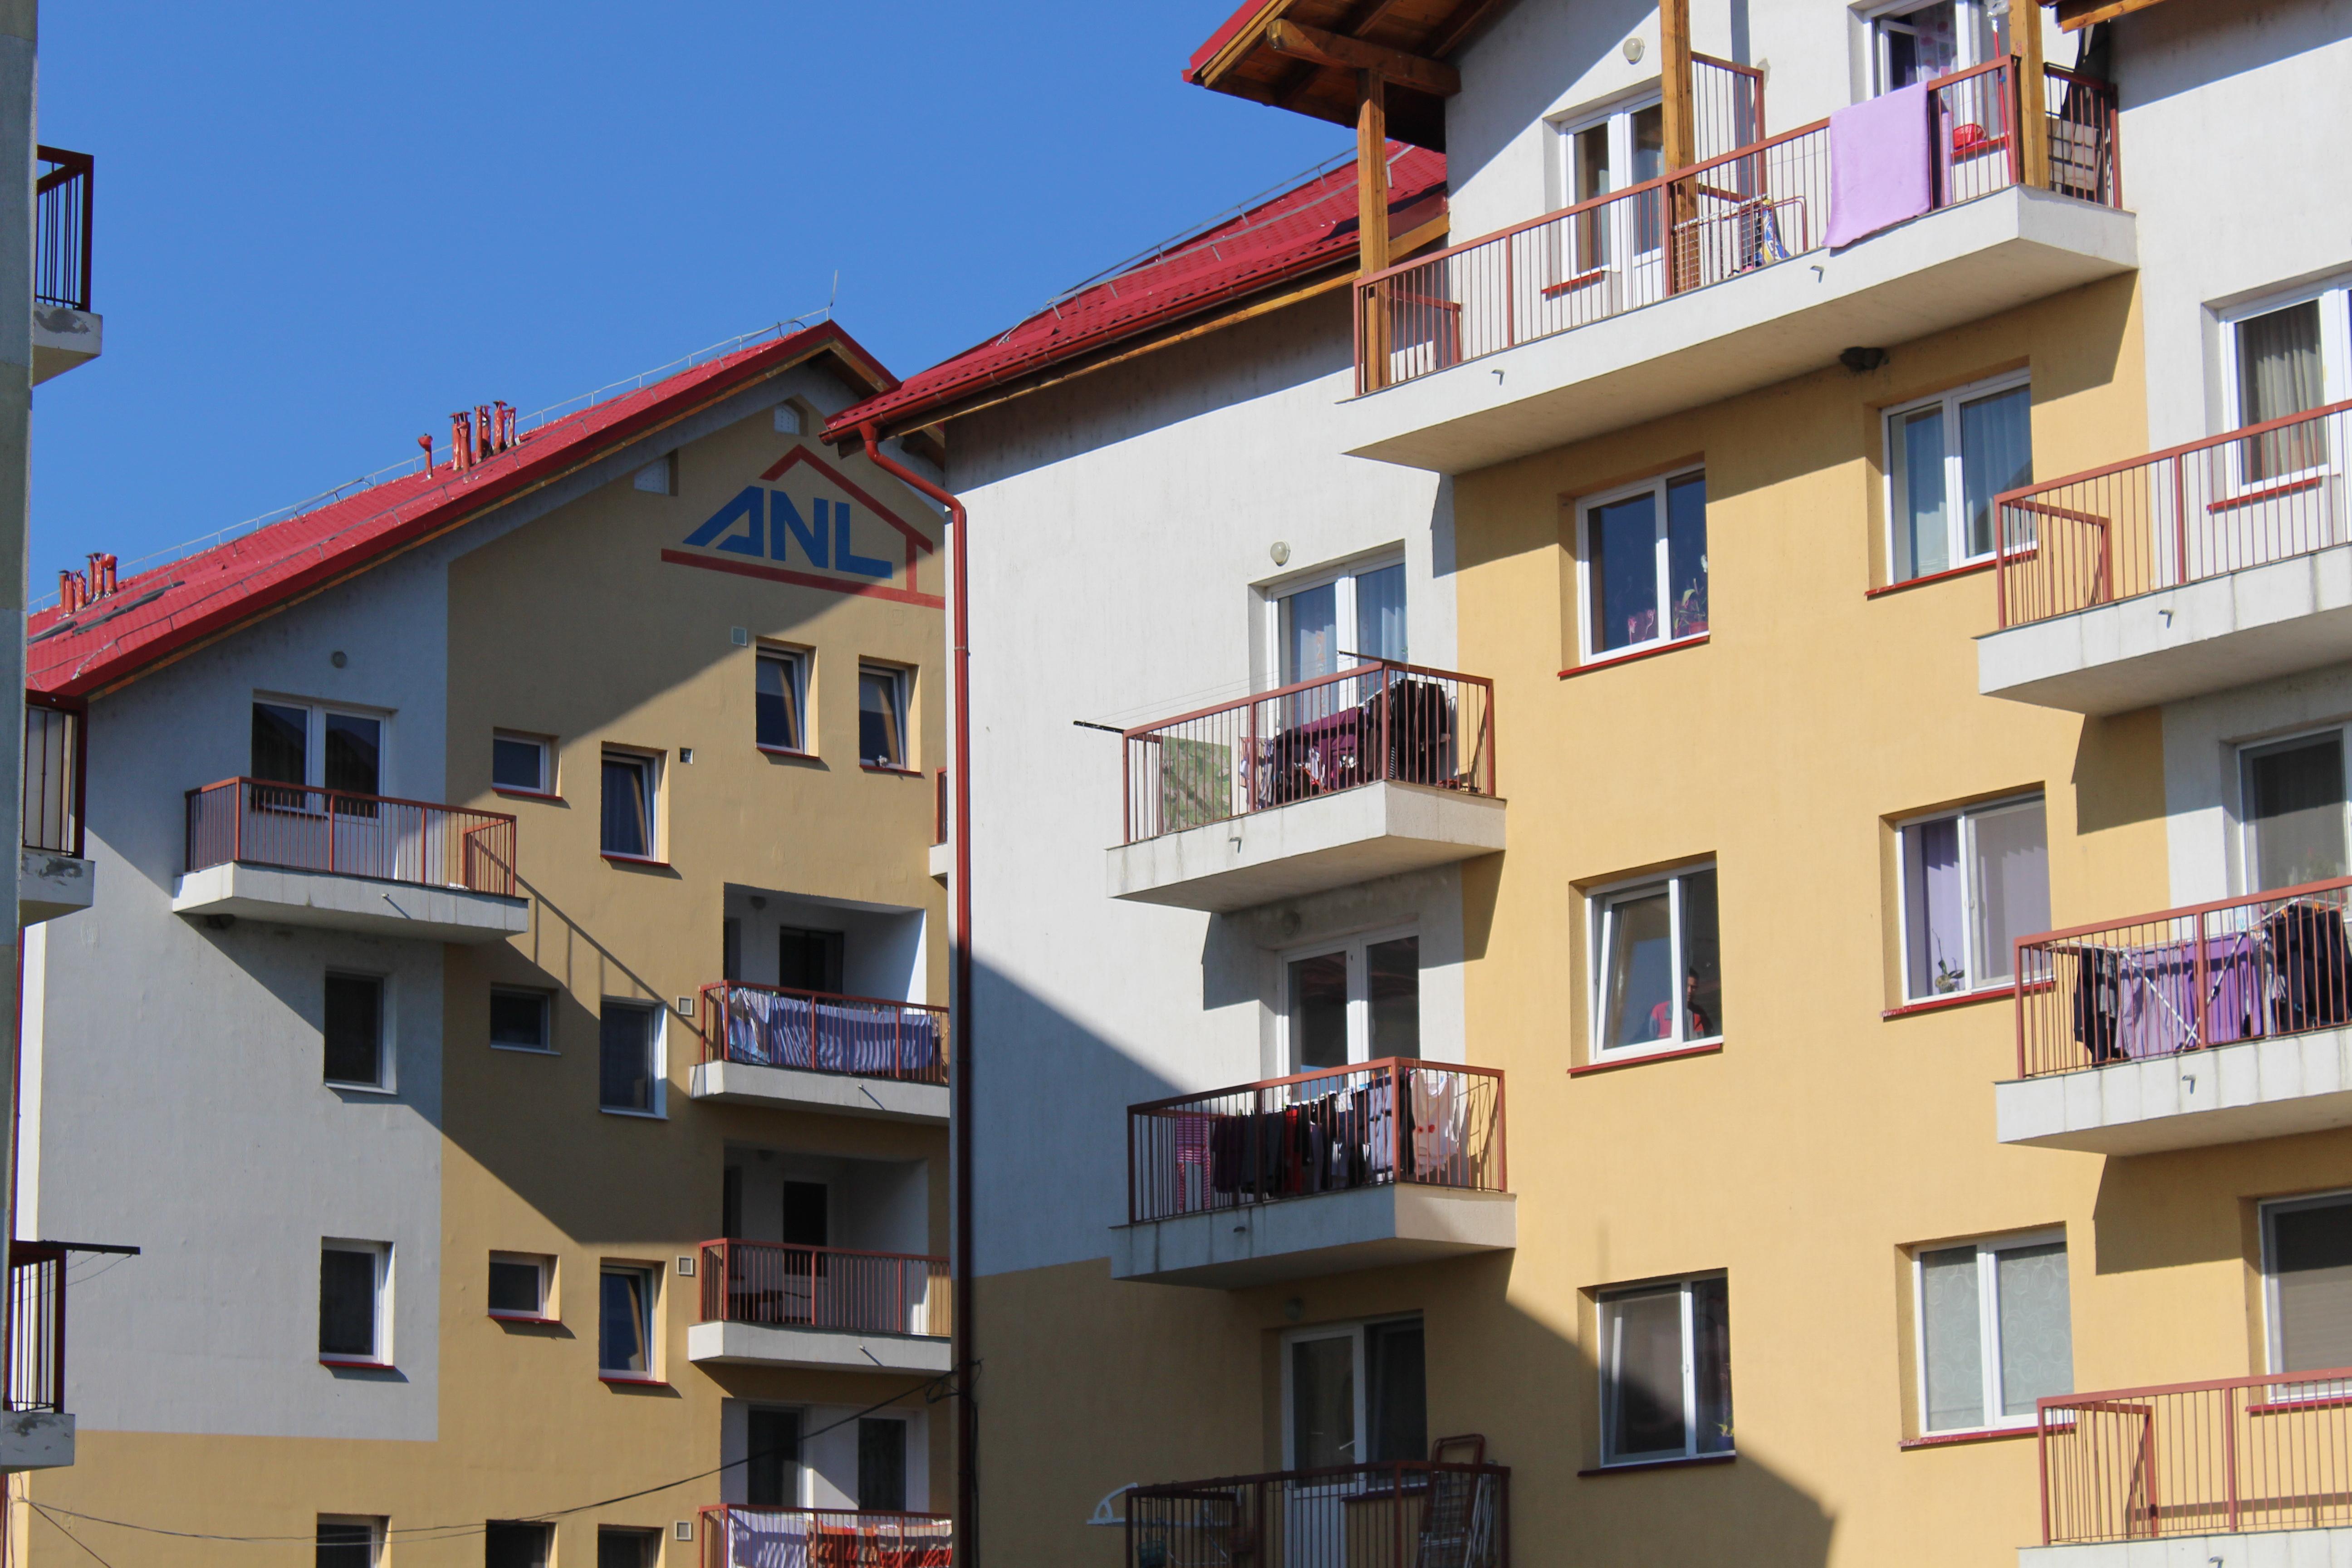 33 de dosare, admise pentru acordarea unei locuințe ANL. În momentul de față doar cinci locuințe sunt disponibile